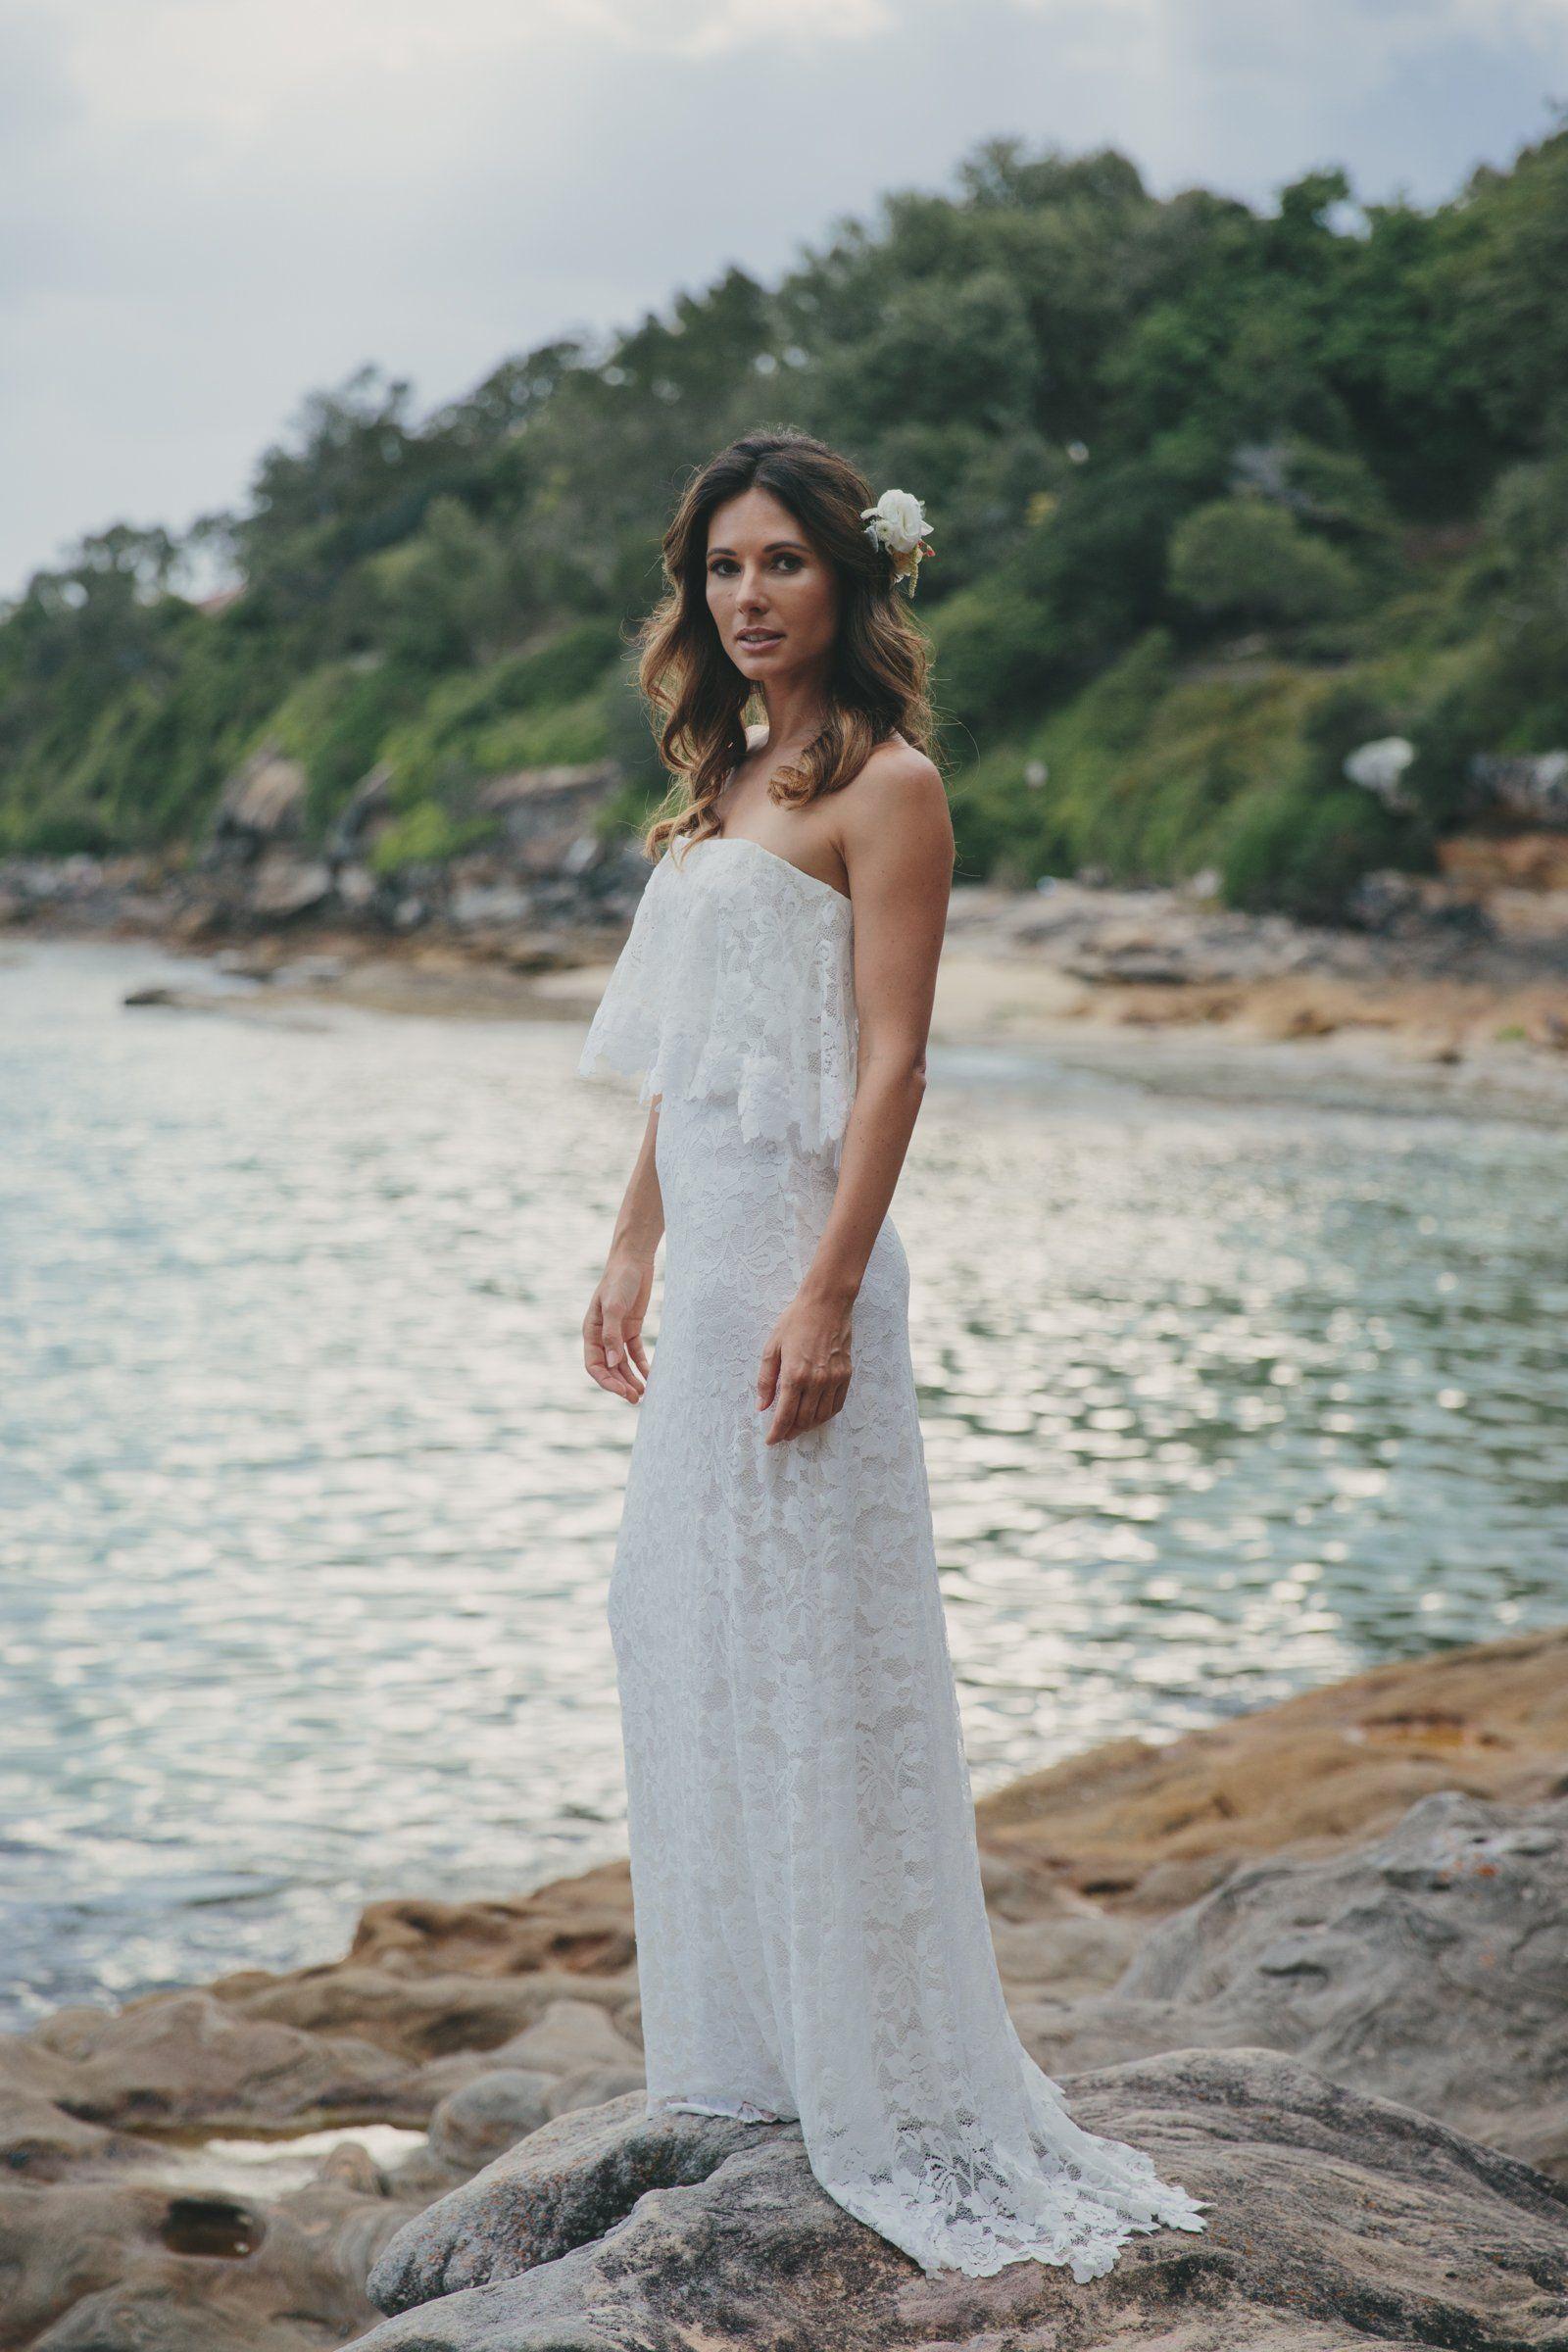 The juliette bridal dresses